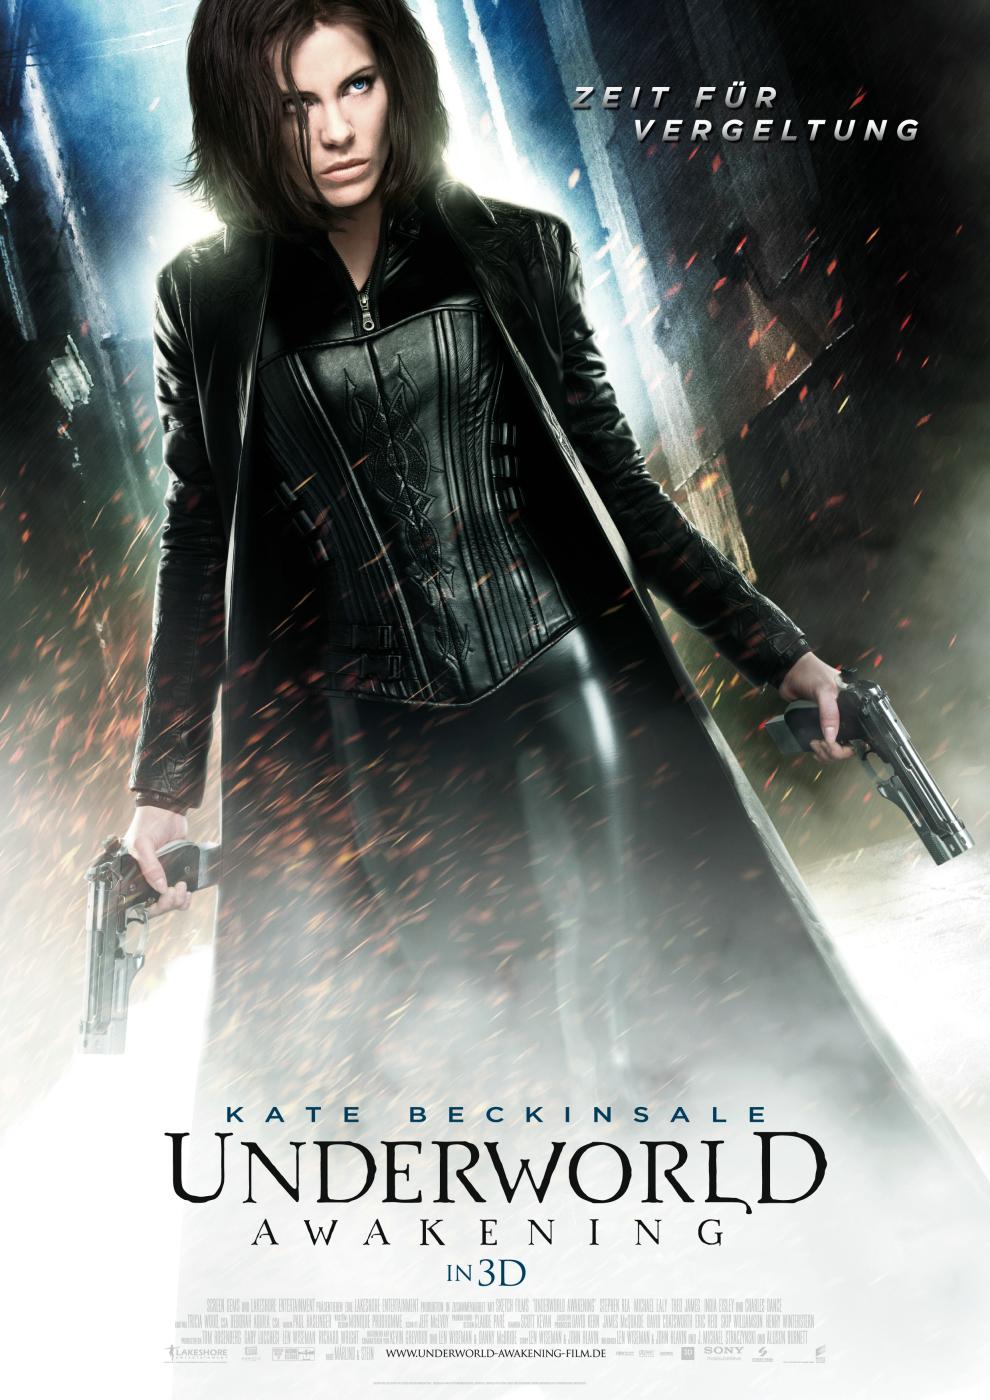 Underworld Awakening Filminfo Blairwitchde Moviebase